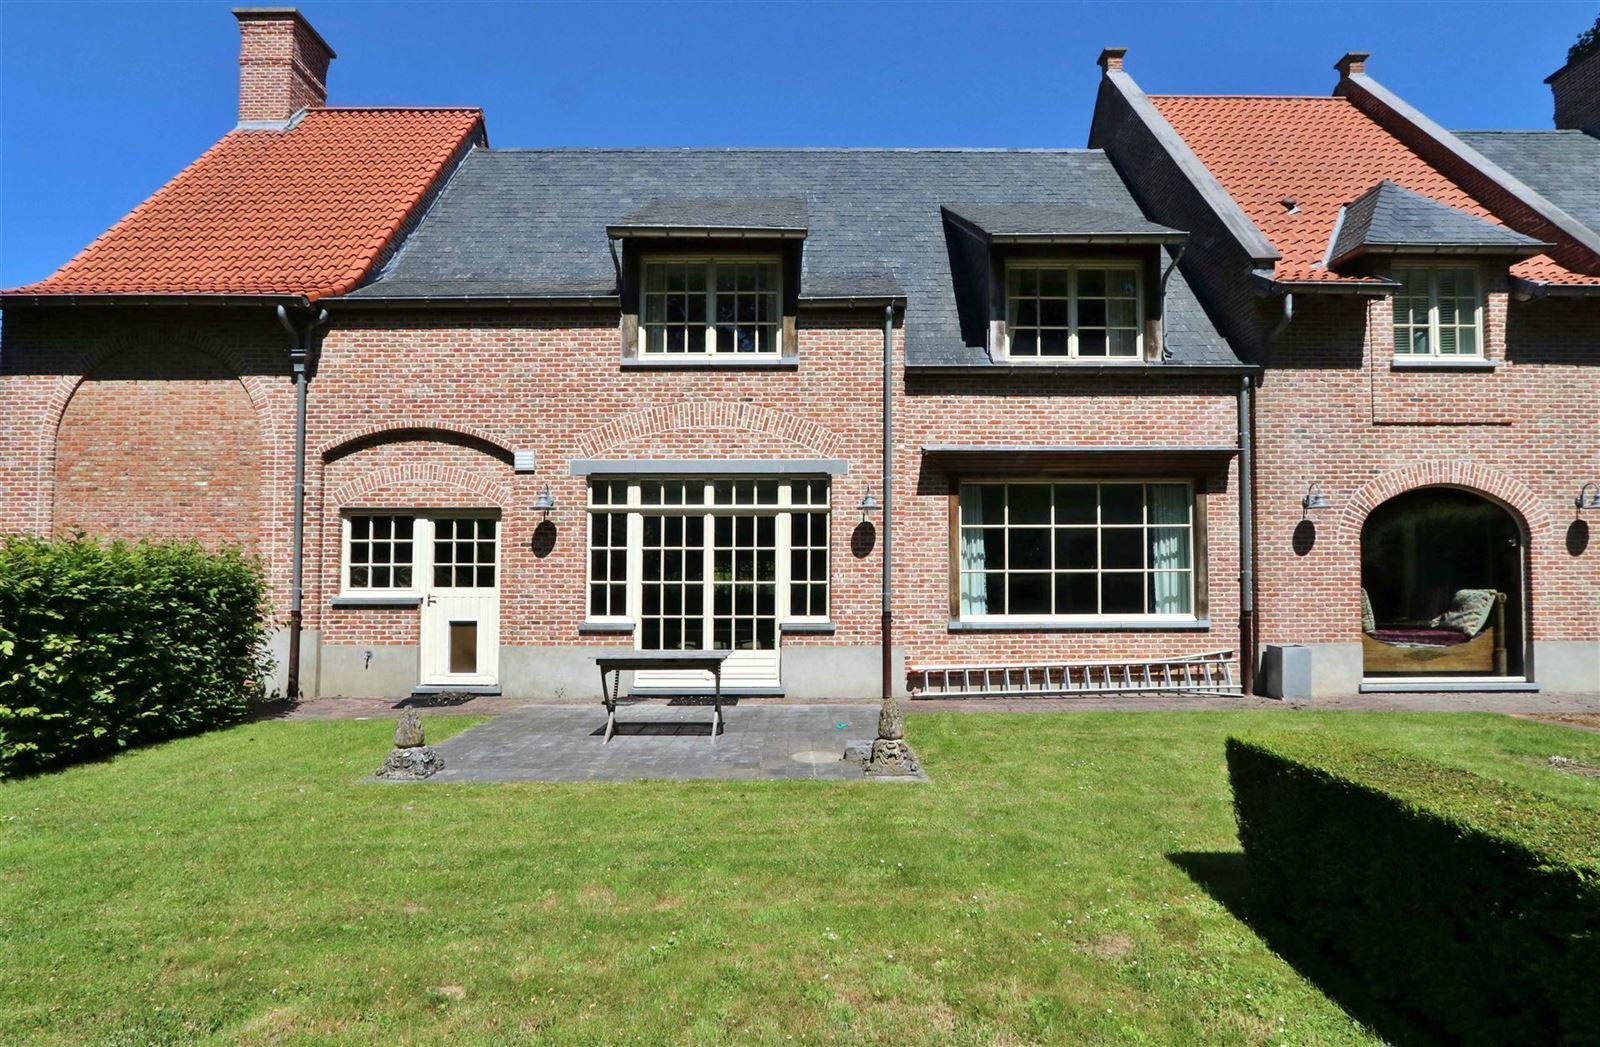 PHOTOS 39 : Maison à 1640 RHODE-SAINT-GENESE (Belgique) - Prix 1.500.000 €